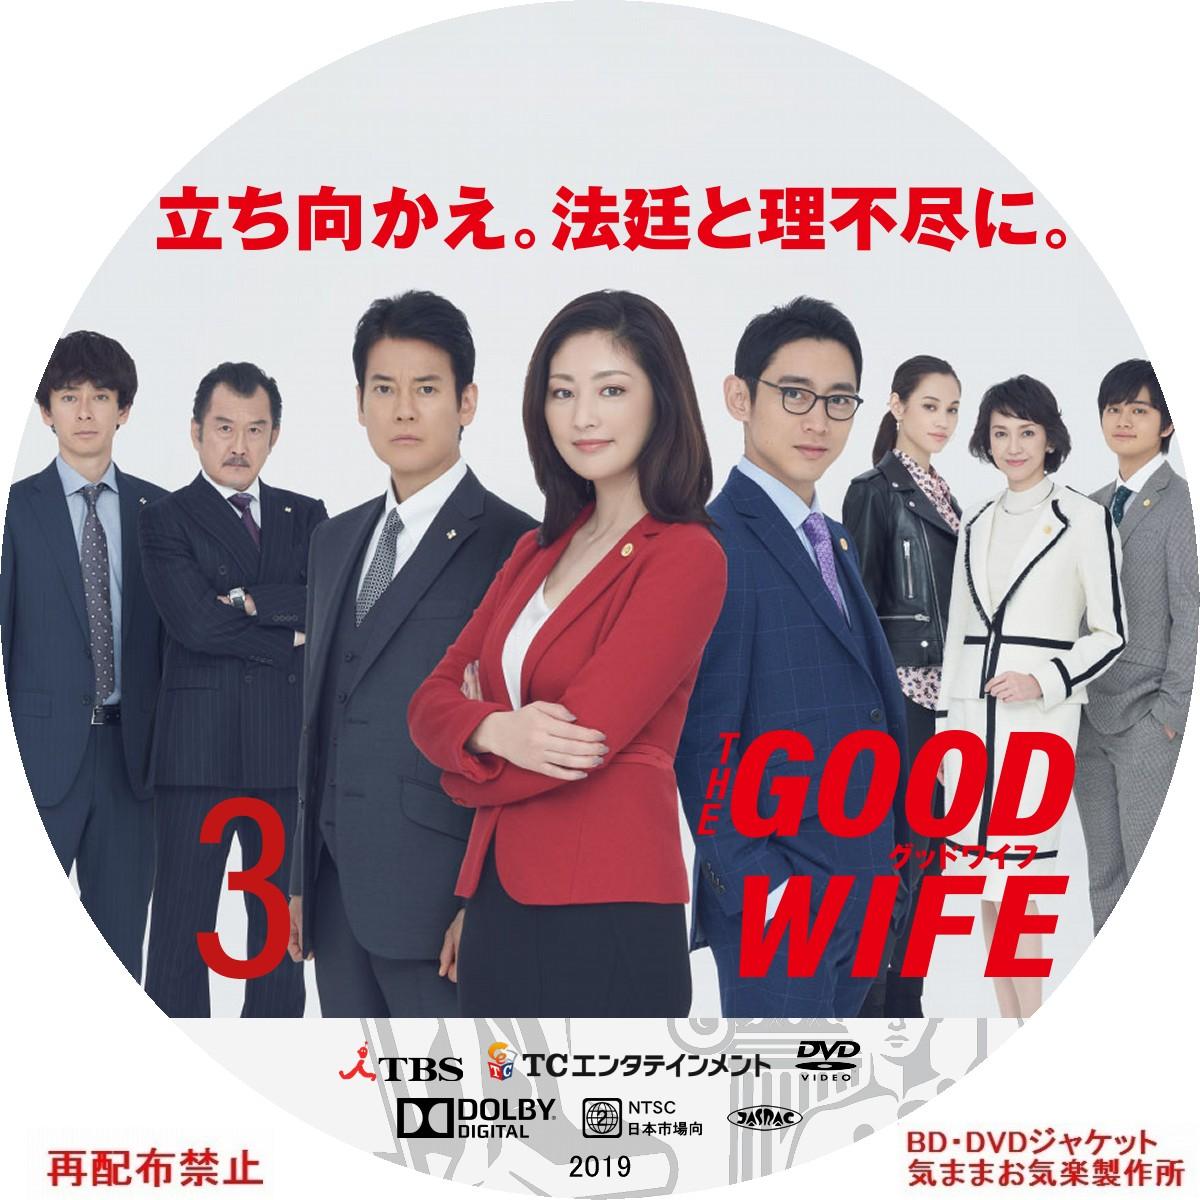 THE_GOOD_WIFE_DVD03_r.jpg